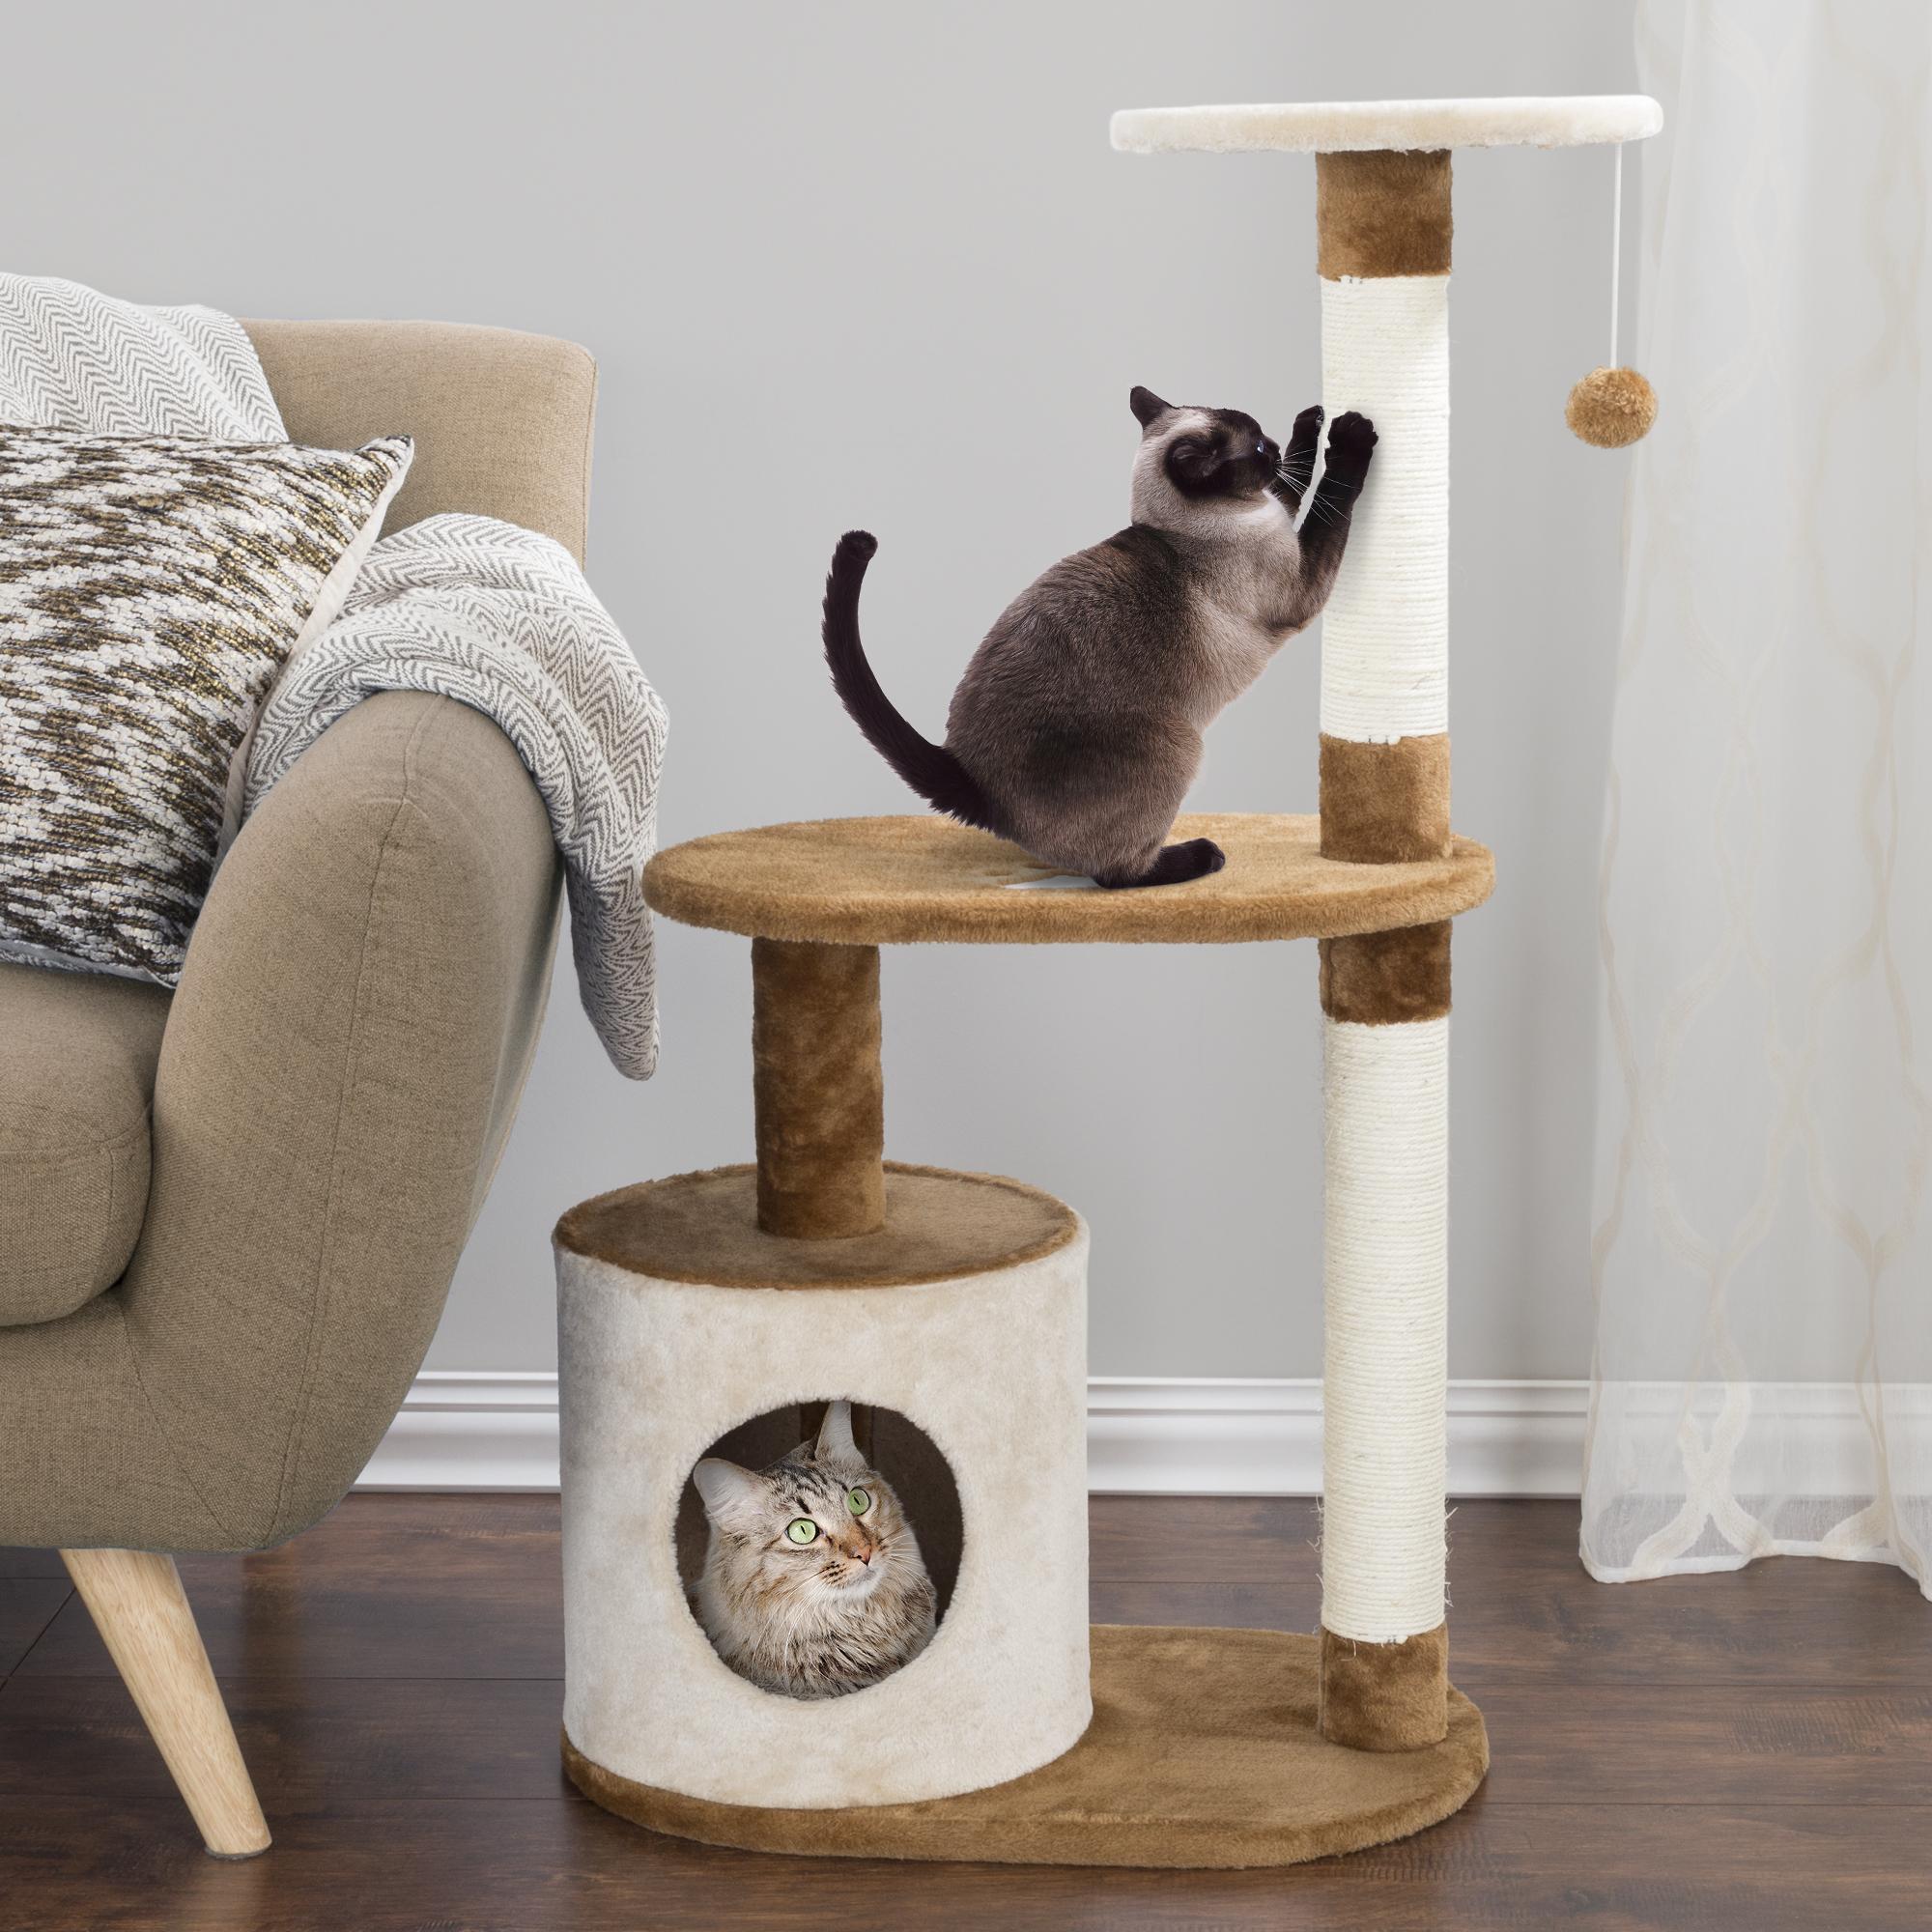 3 Tier Cat Condos